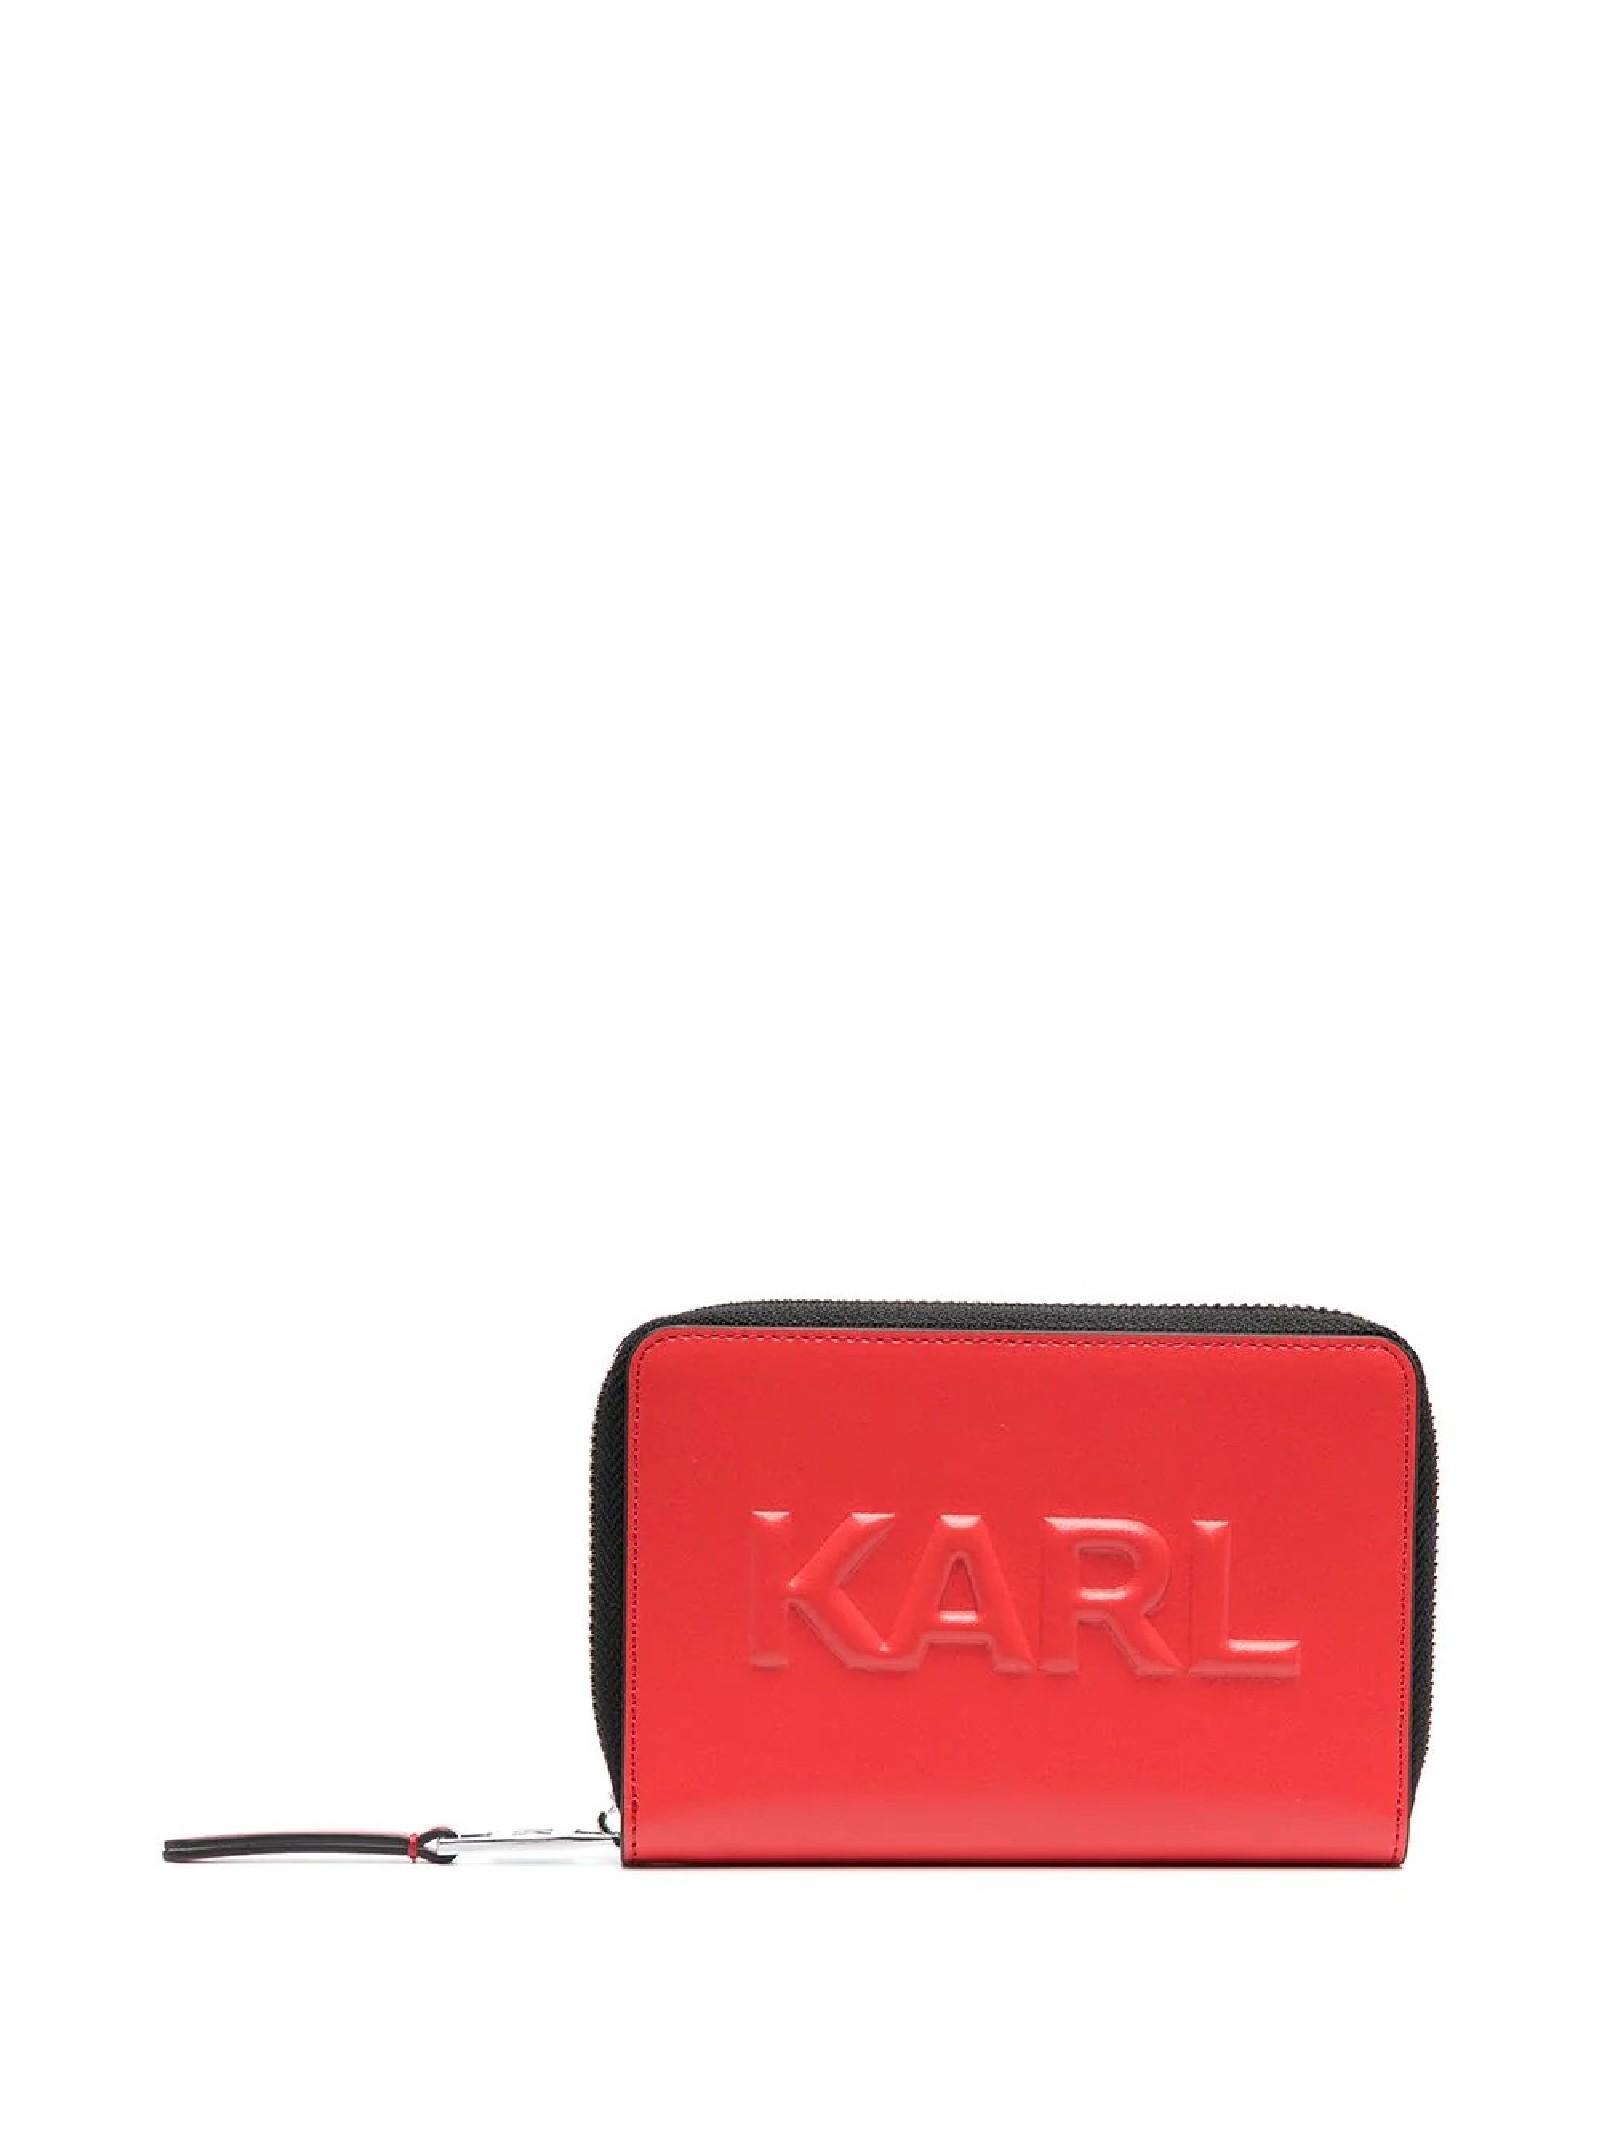 K/KARL SEVEN PORTAFOGLIO MEDIO GOFFRATO KARL LAGERFELD | Portafogli | 211W3217725/A725